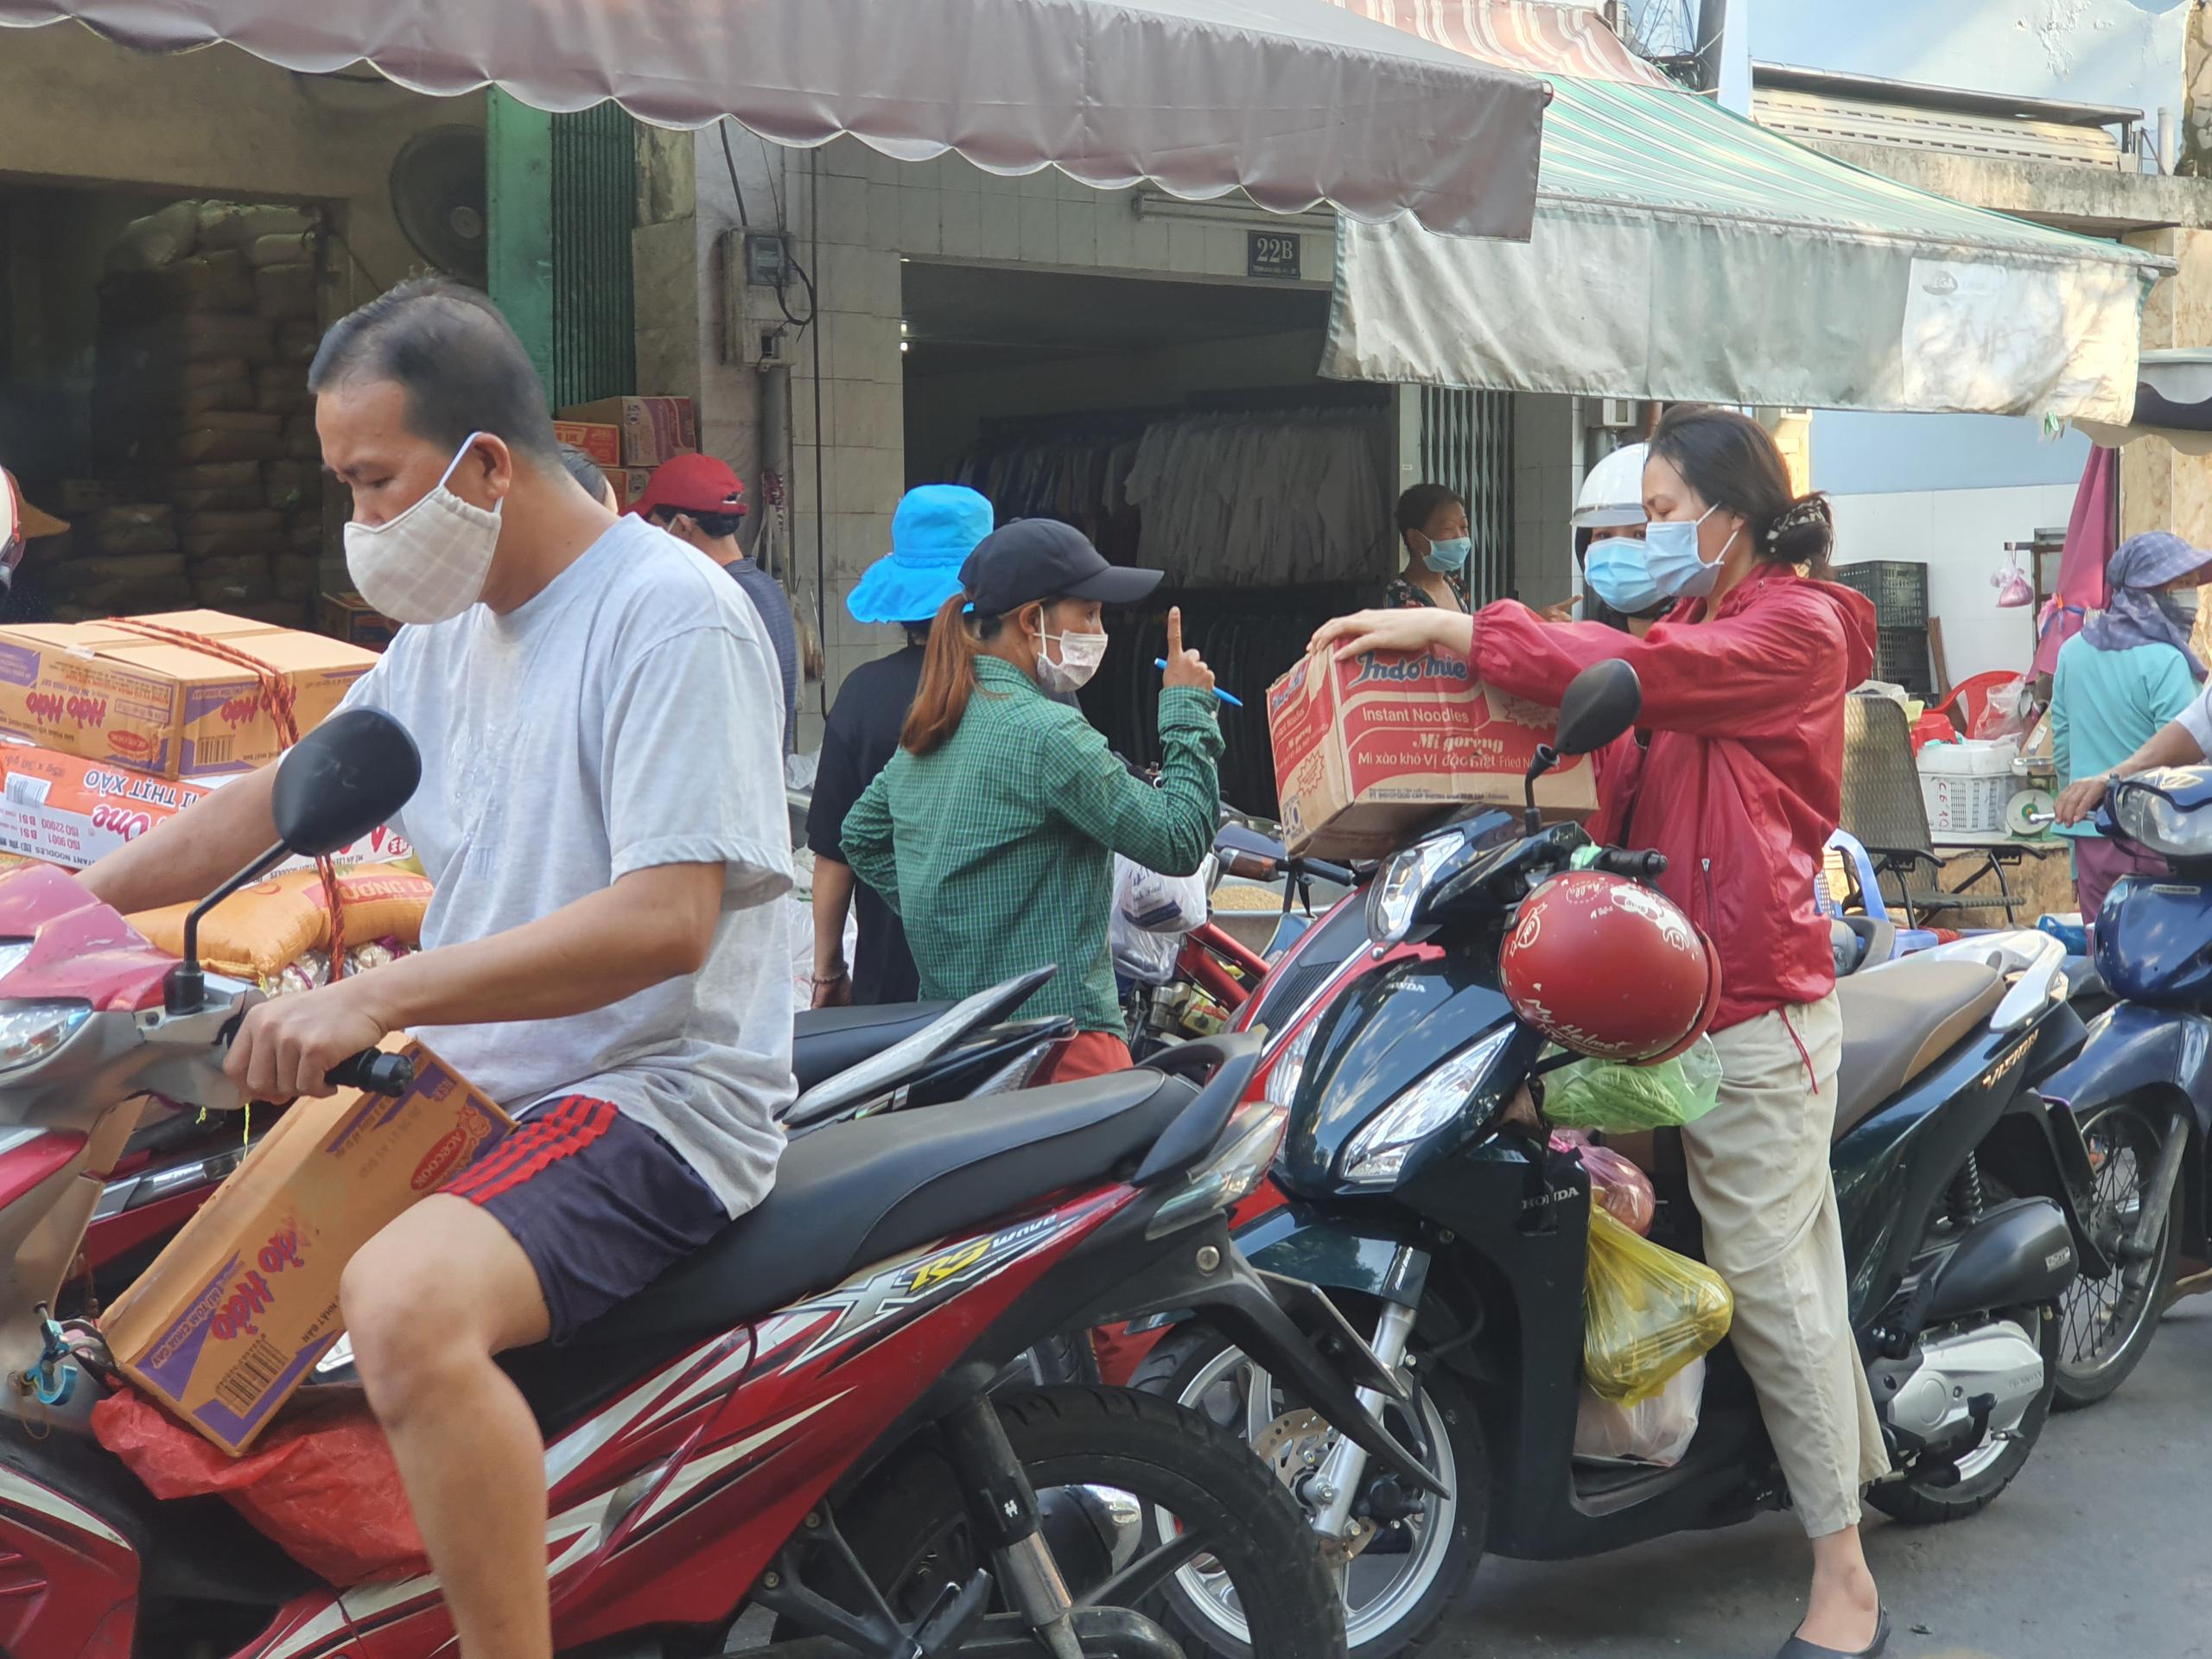 Chợ, siêu thị TP.HCM đông người mua sắm trước giờ giãn cách xã hội - Ảnh 1.